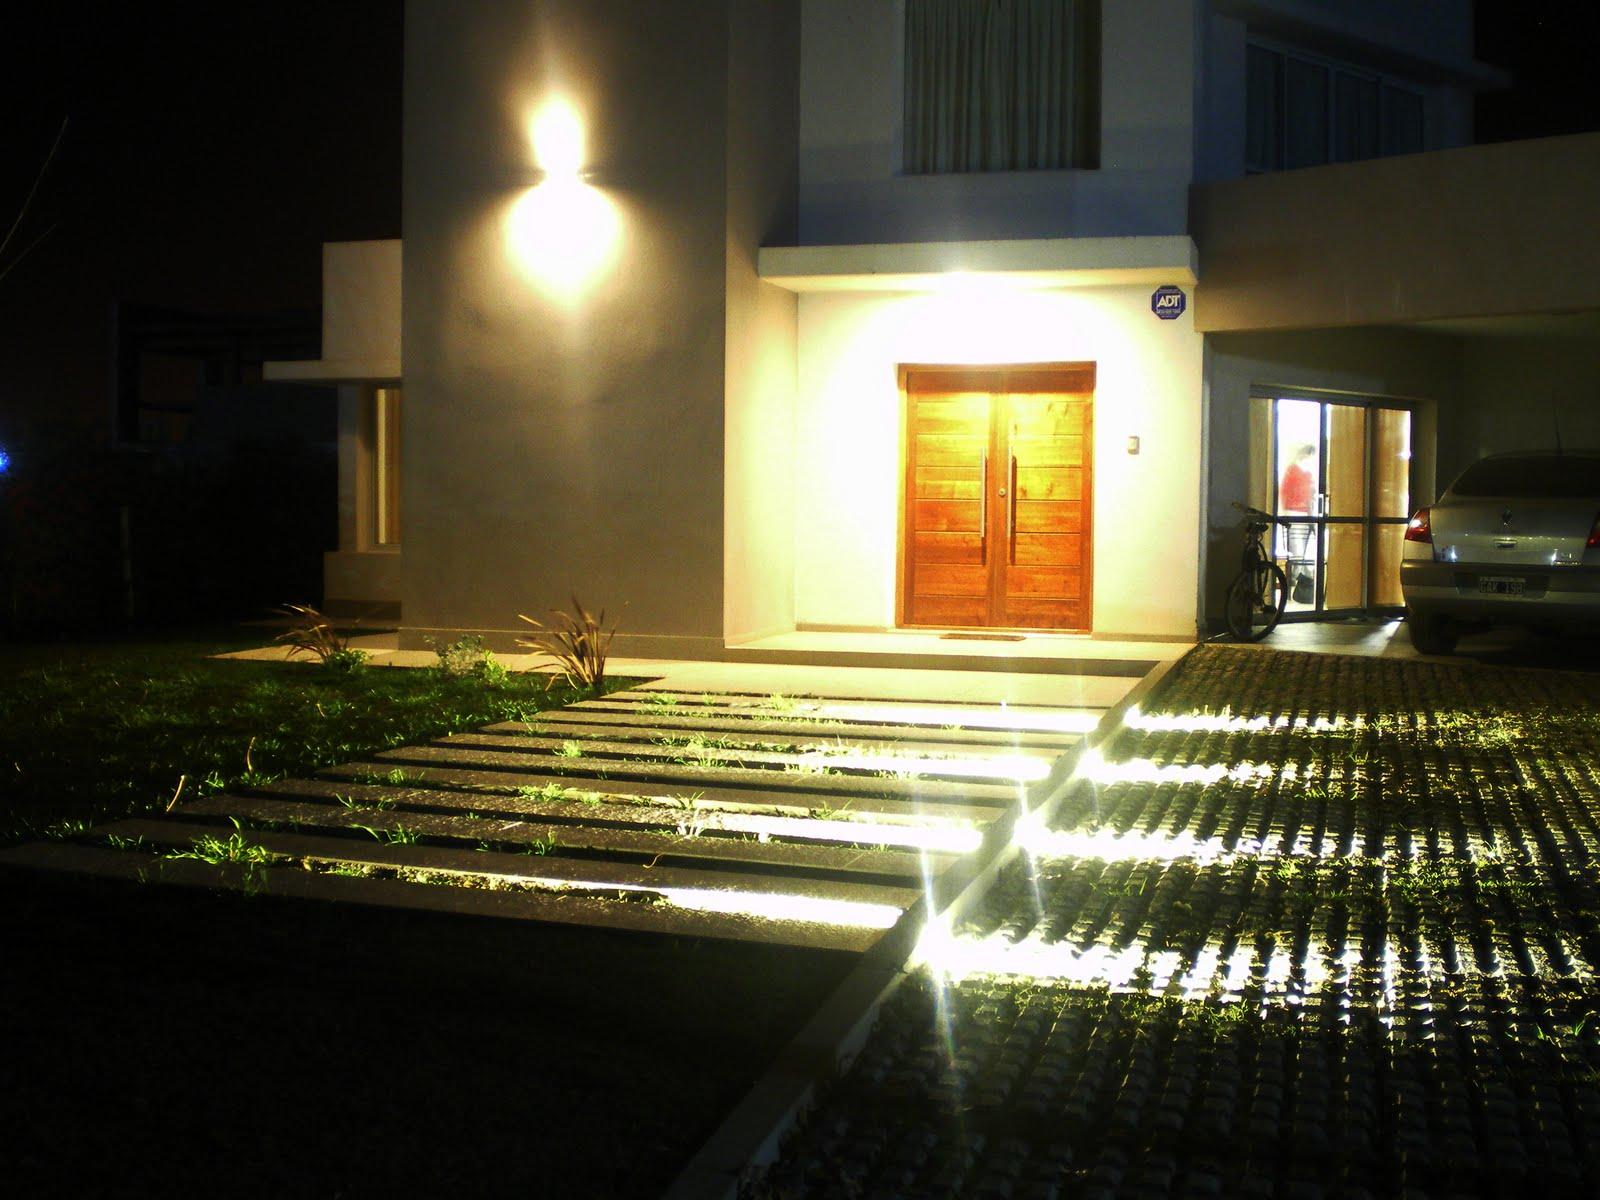 Venta De Iluminacion Por Led - Iluminacion-por-leds